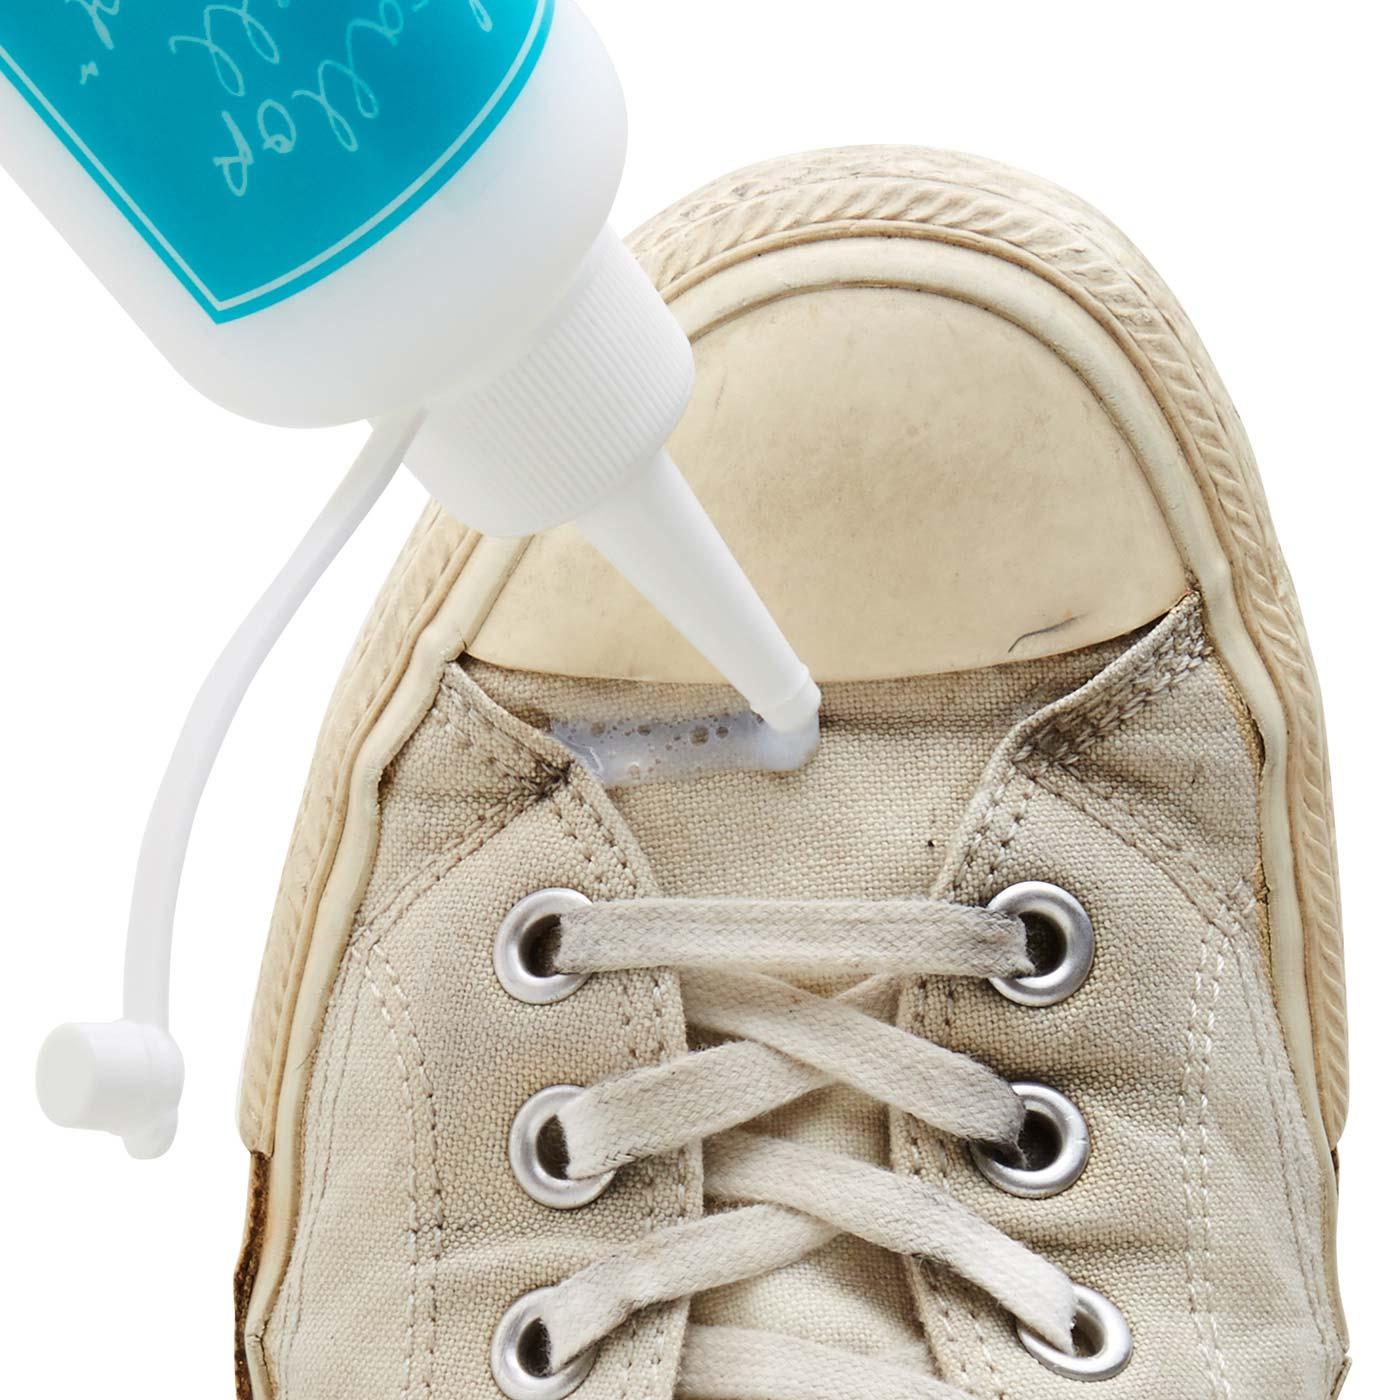 (1)靴を水でぬらして、汚れ部分にクリーナーを塗ります。